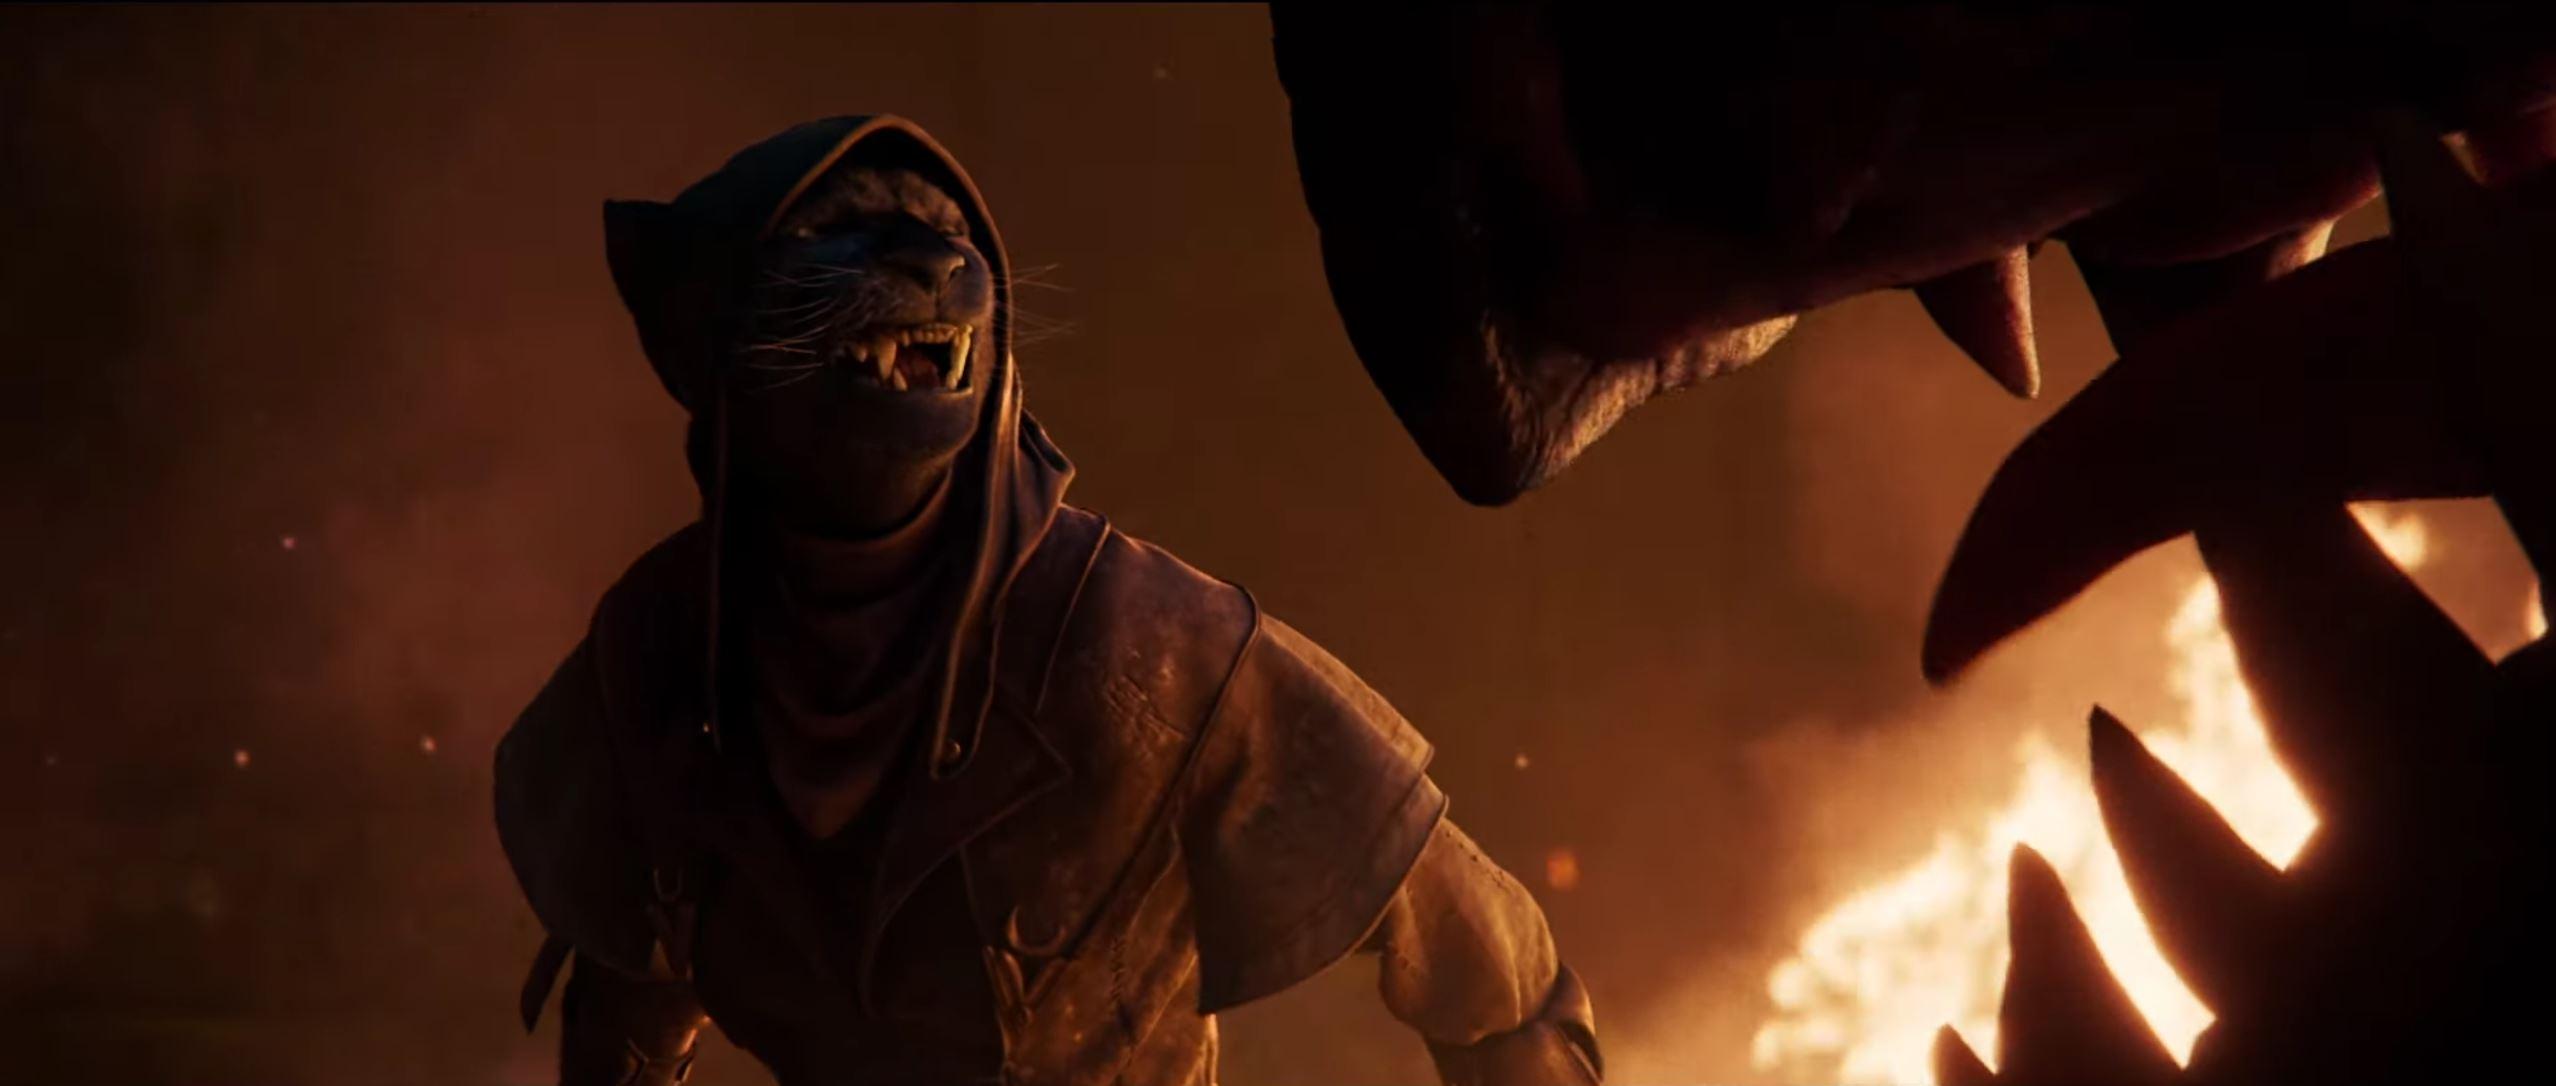 Die Community von The Elder Scrolls Online liebt diese Szene im neuen E3-Trailer